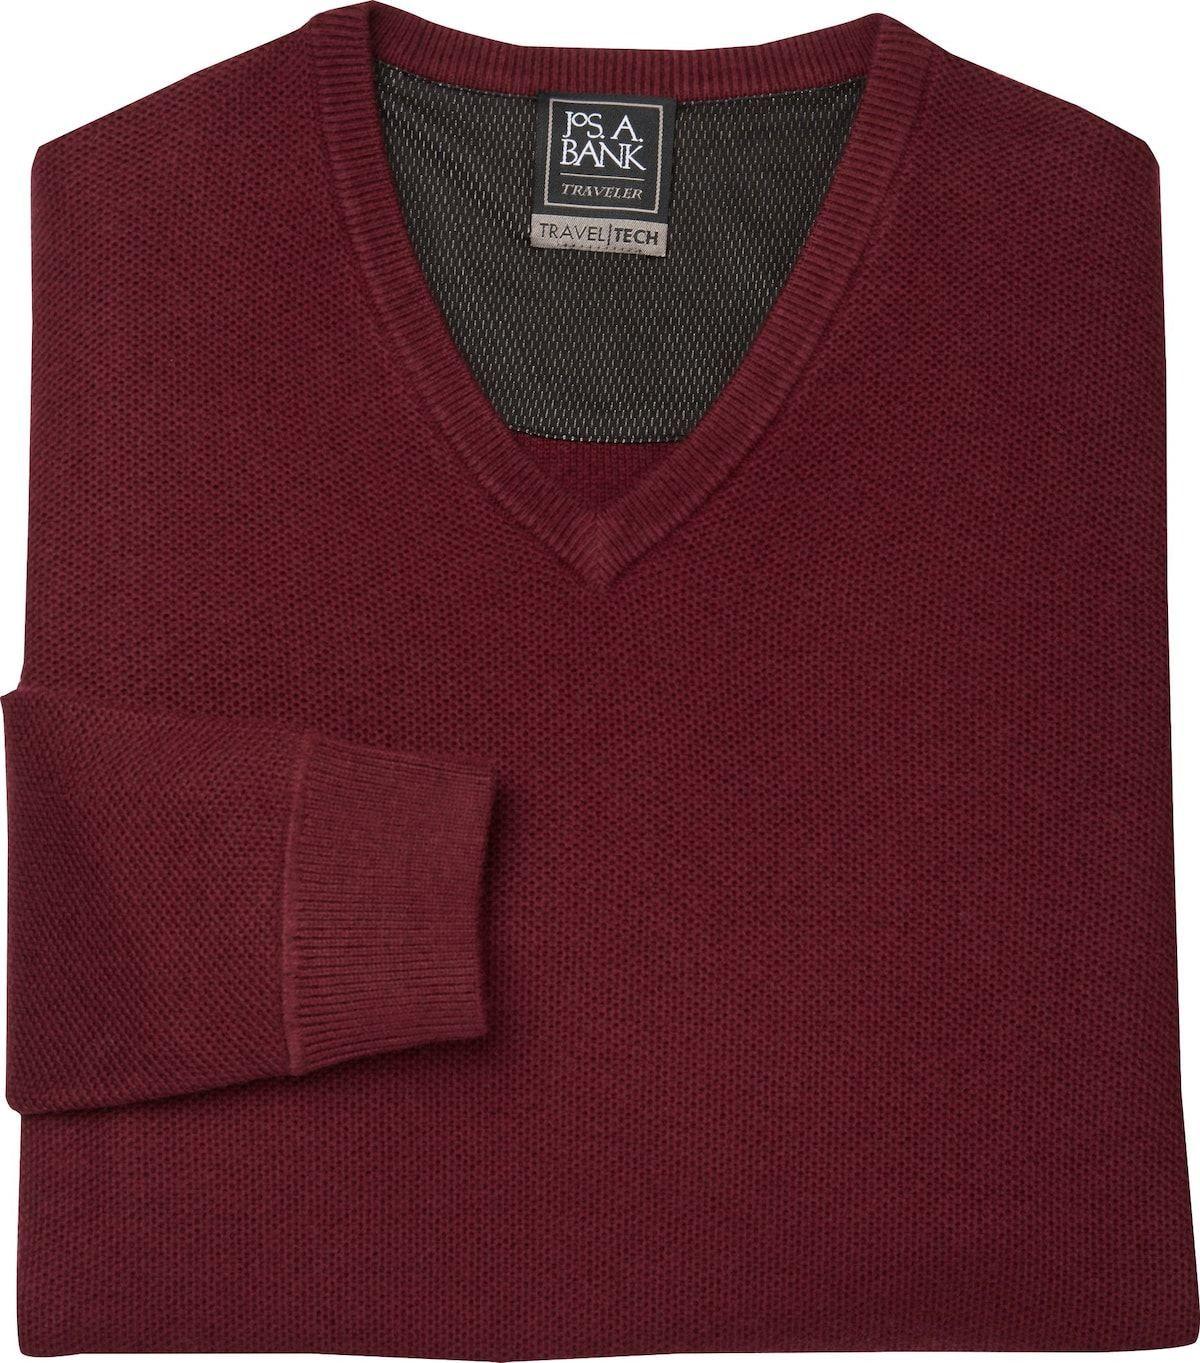 Travel Tech V Neck Merino Wool Blend Sweater Big Tall Clearance Wool Blend Sweaters Merino Wool